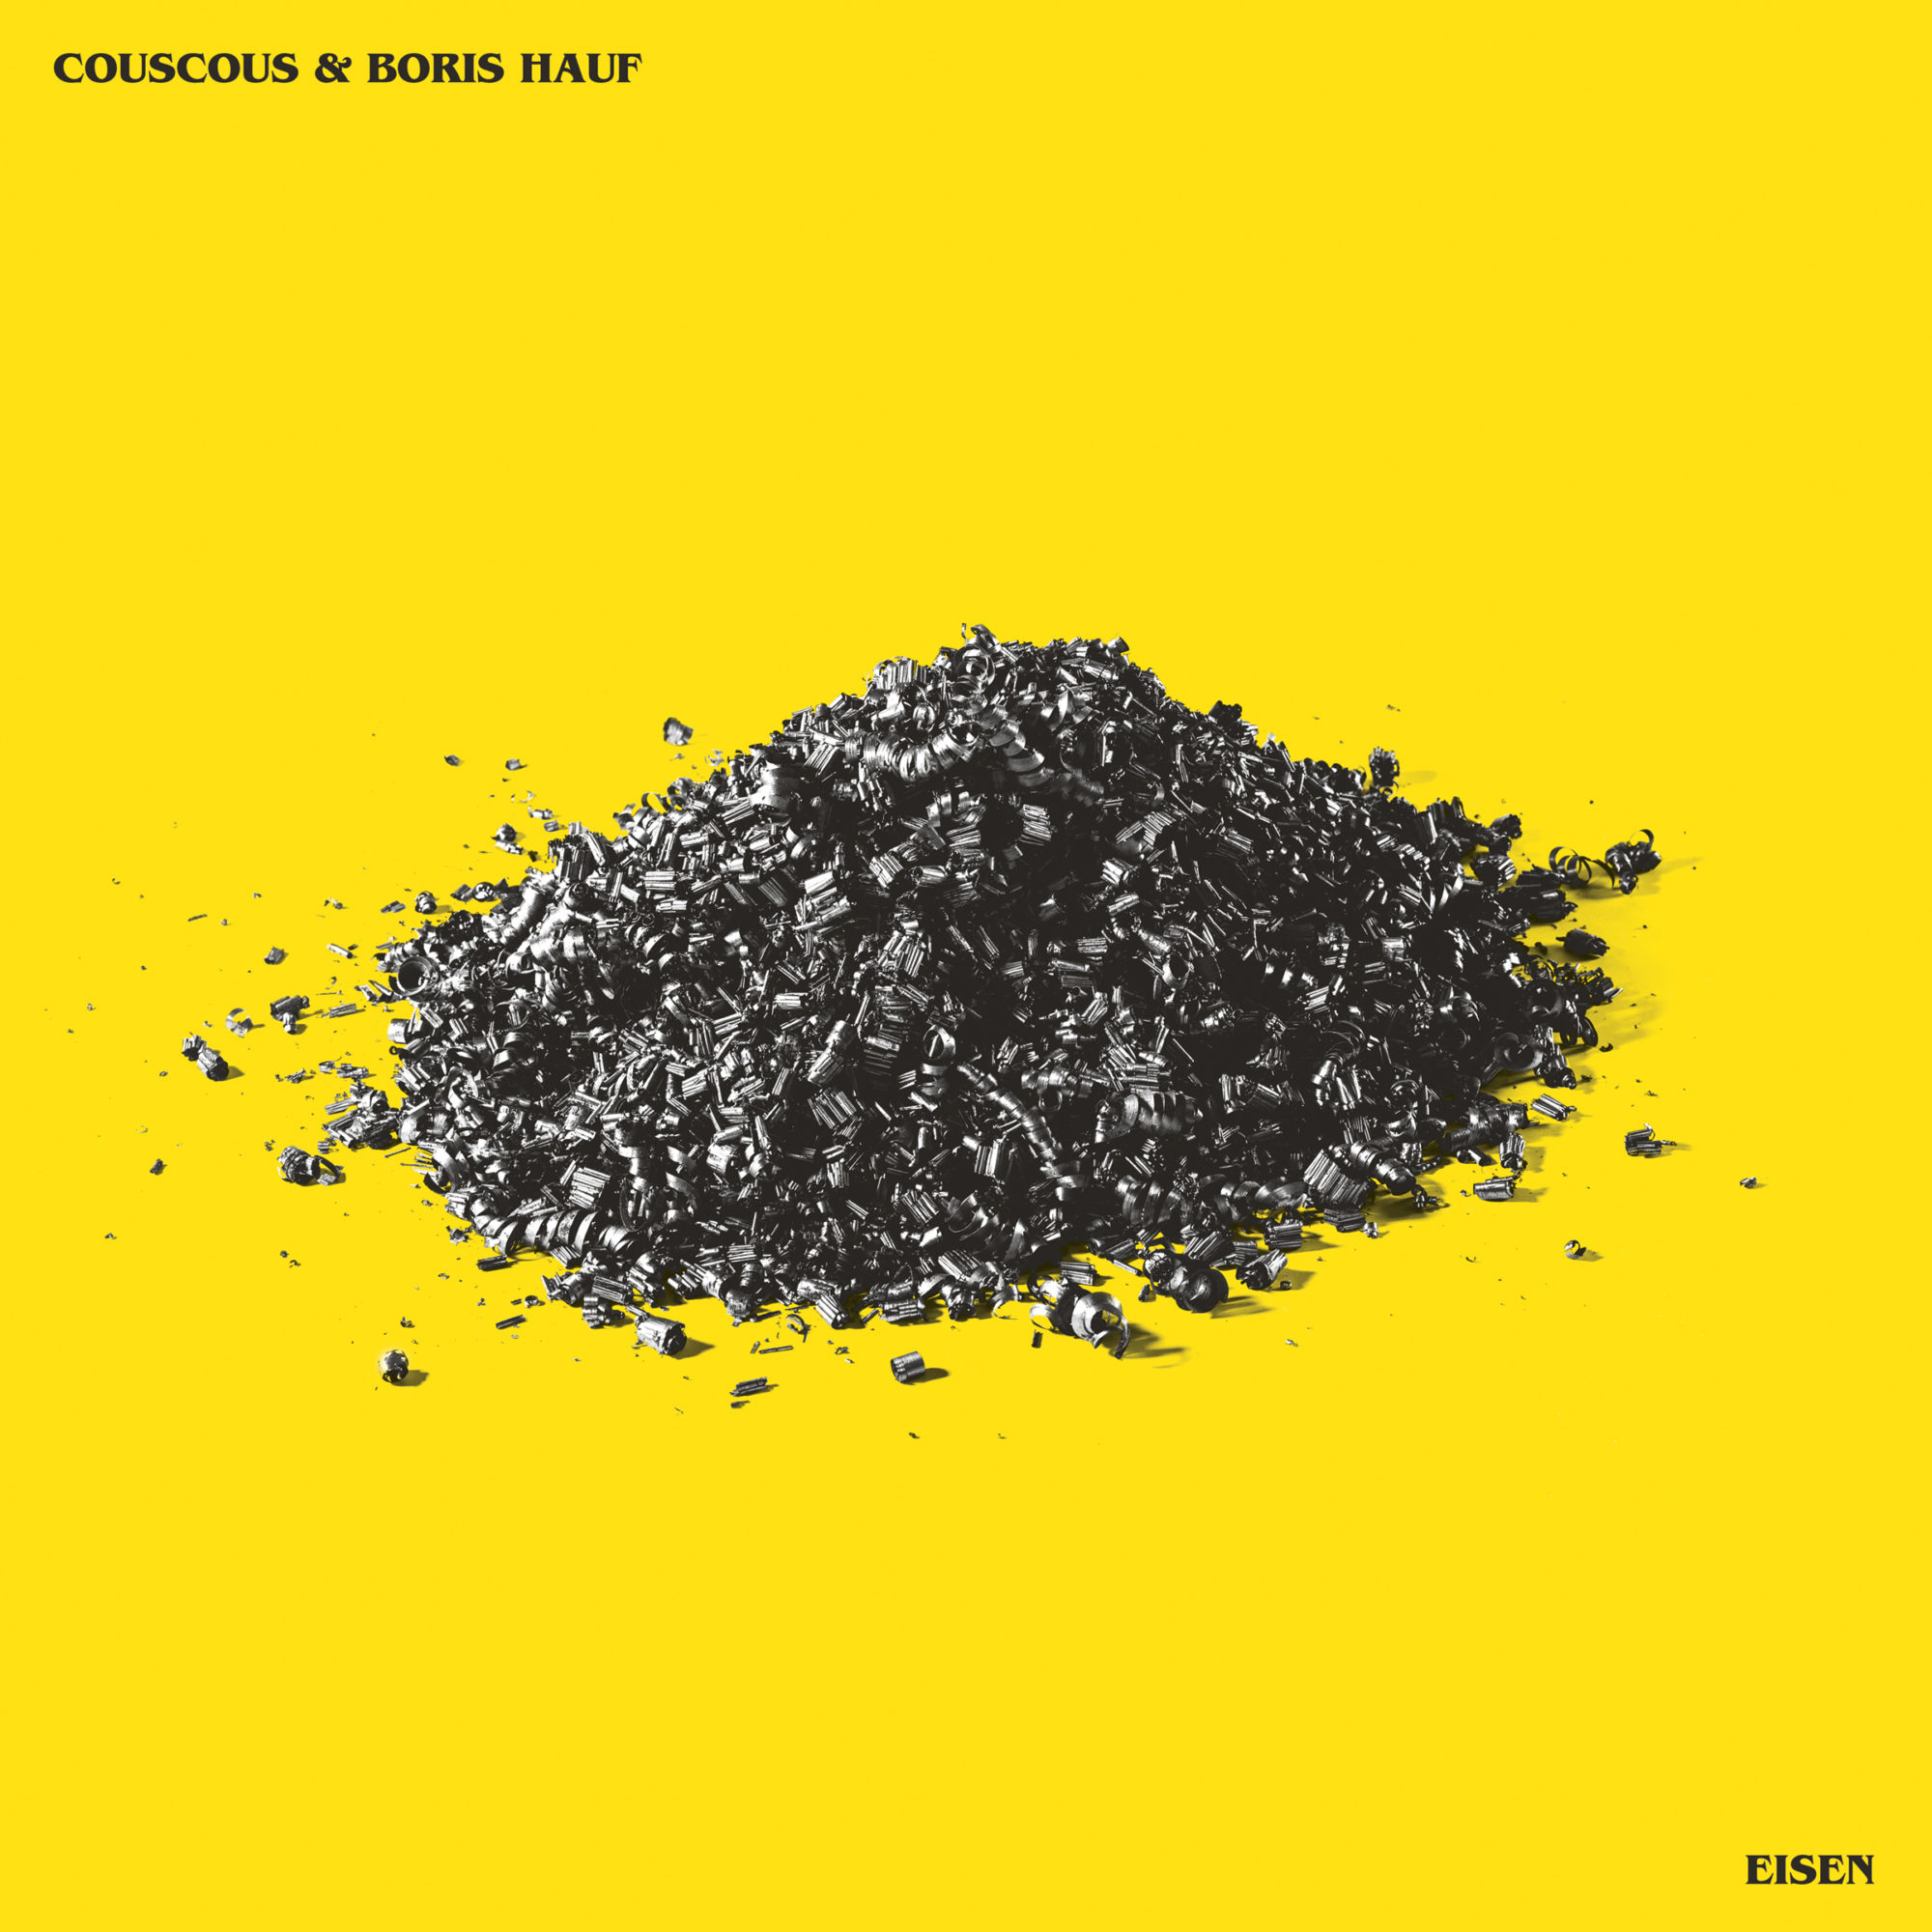 Couscous Band Boris Hauf Artist Eisen Album Vinyl Cover Music Austria